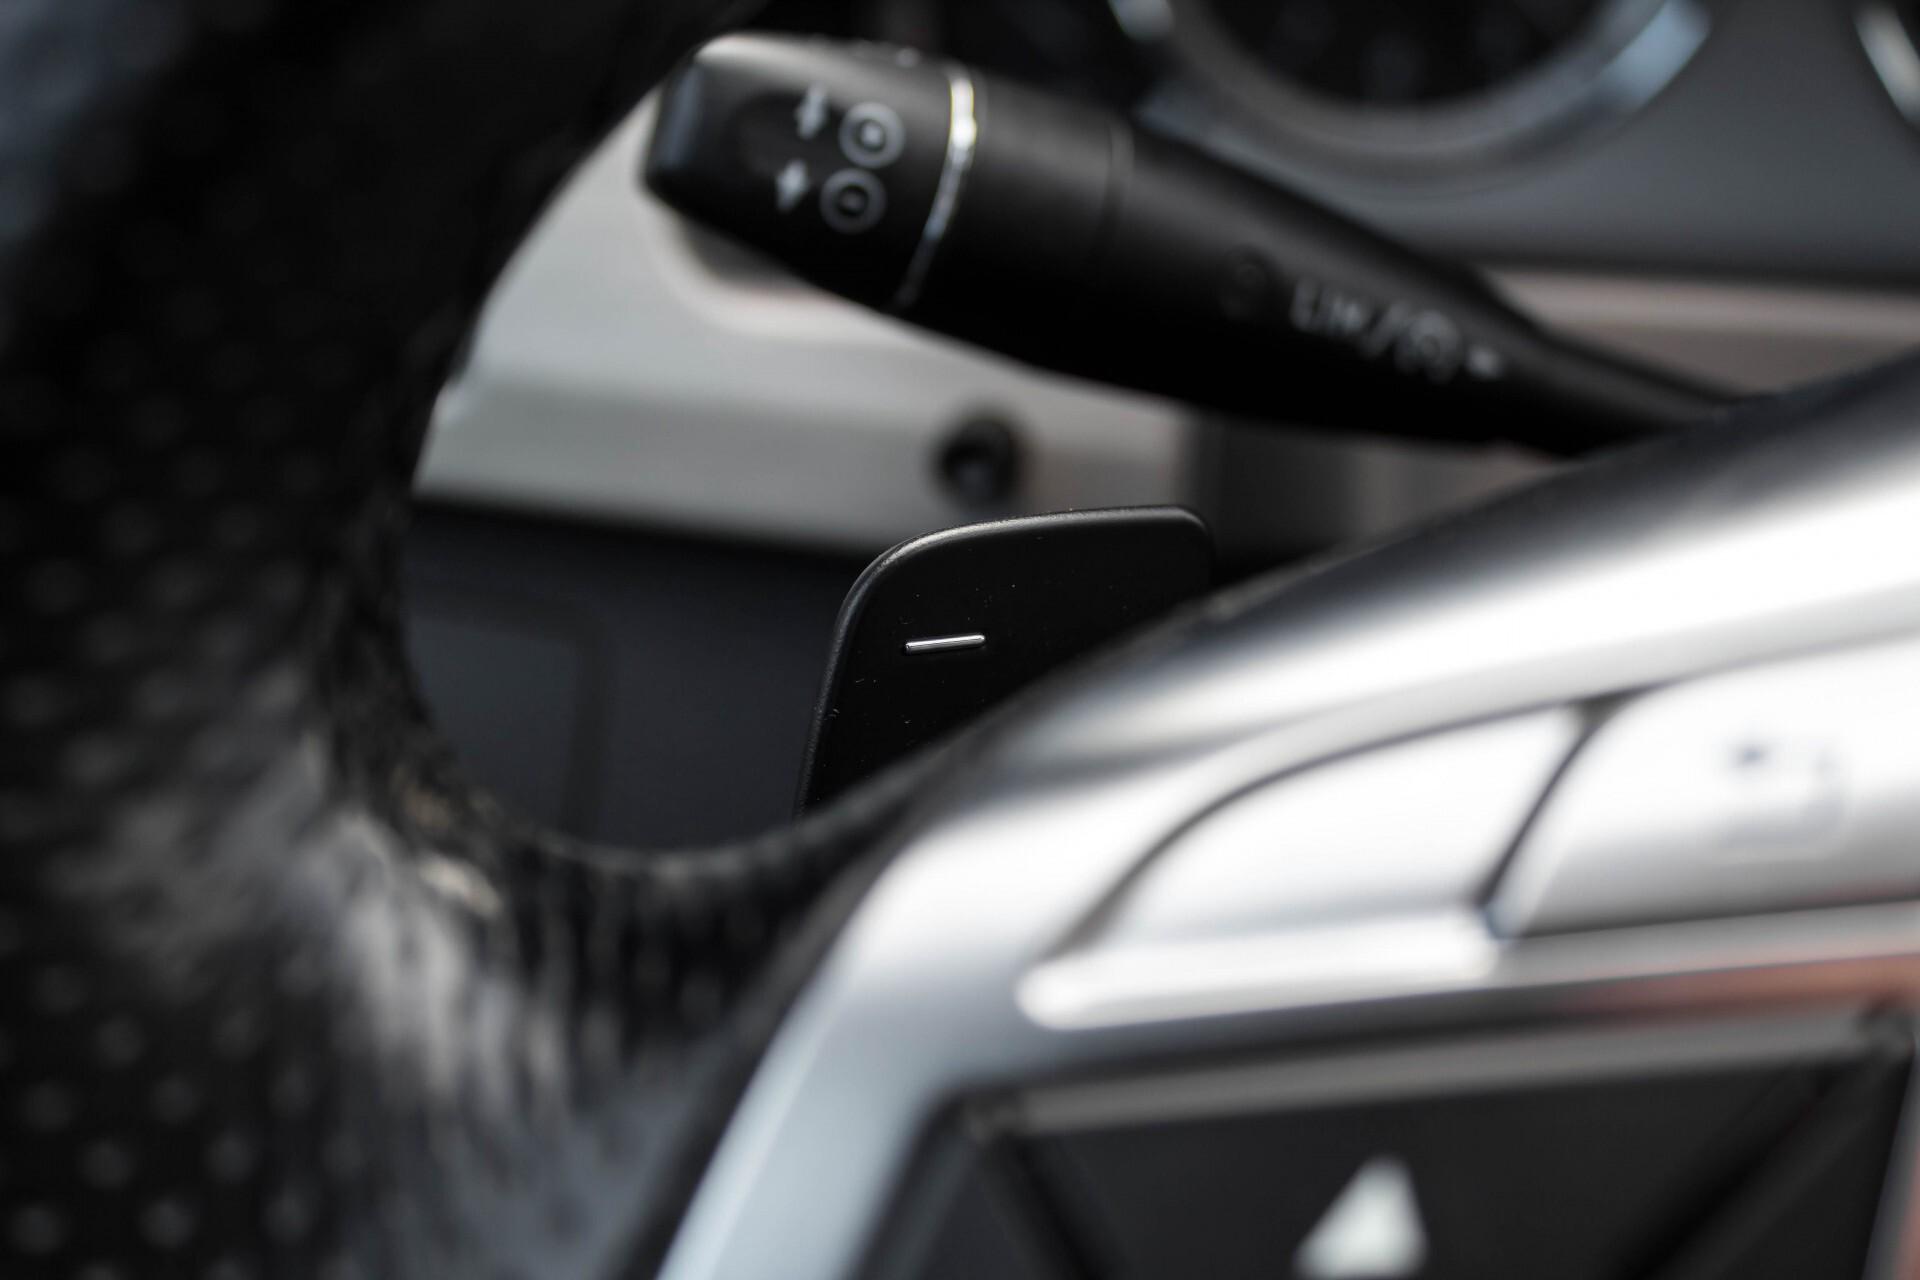 Mercedes-Benz E-Klasse Estate 350 Cdi AMG Luchtvering/Schuifdak/Comand/Harman Kardon/ILS Aut7 Foto 12